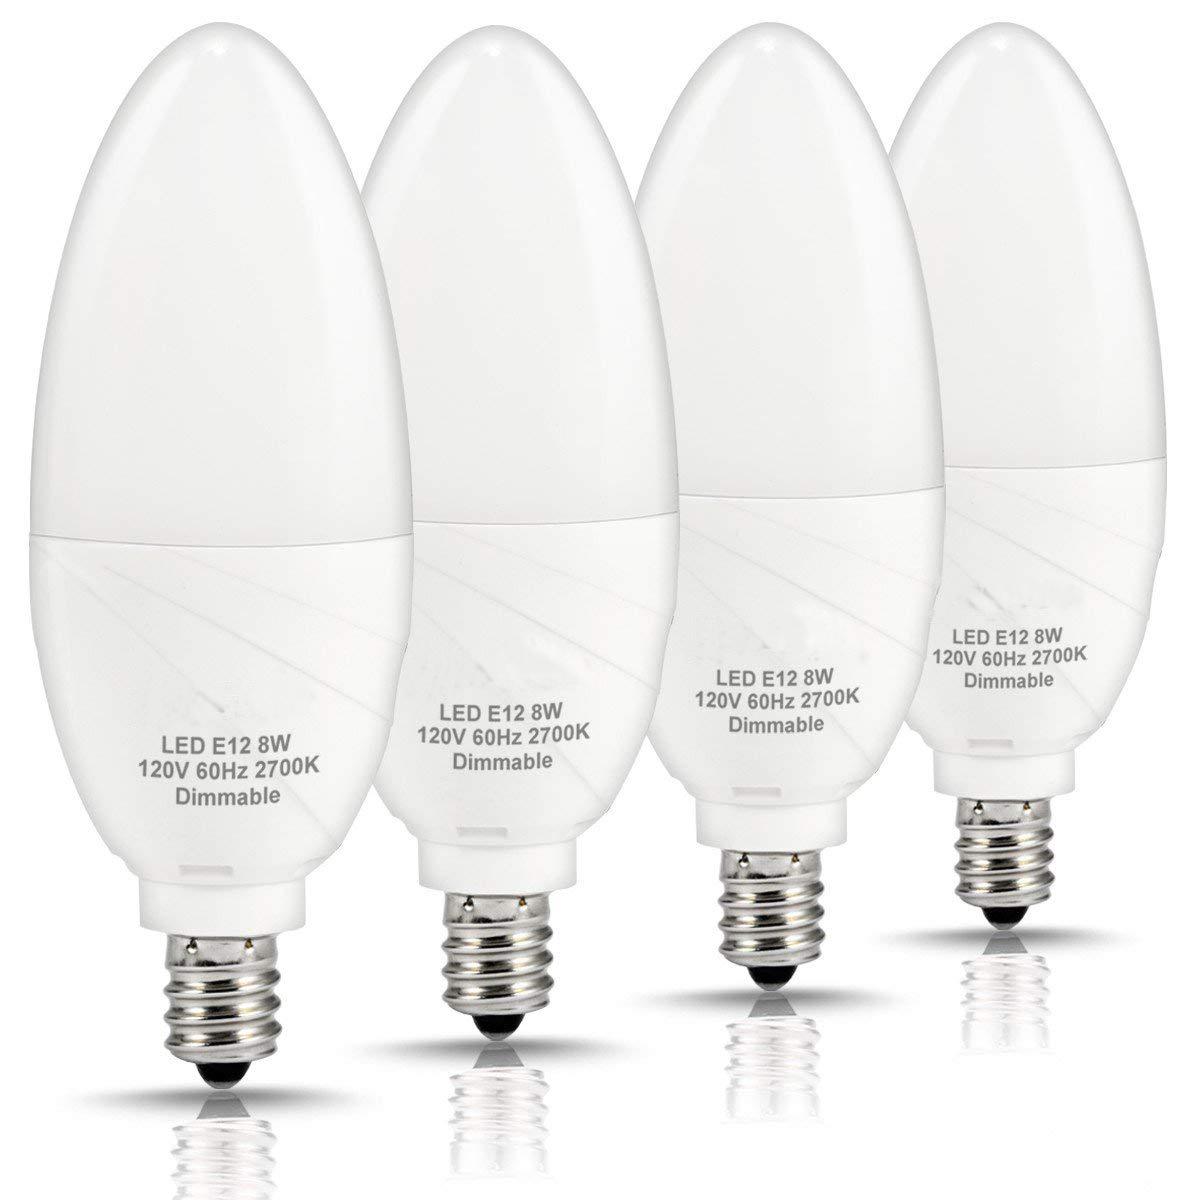 4 Led Bulb